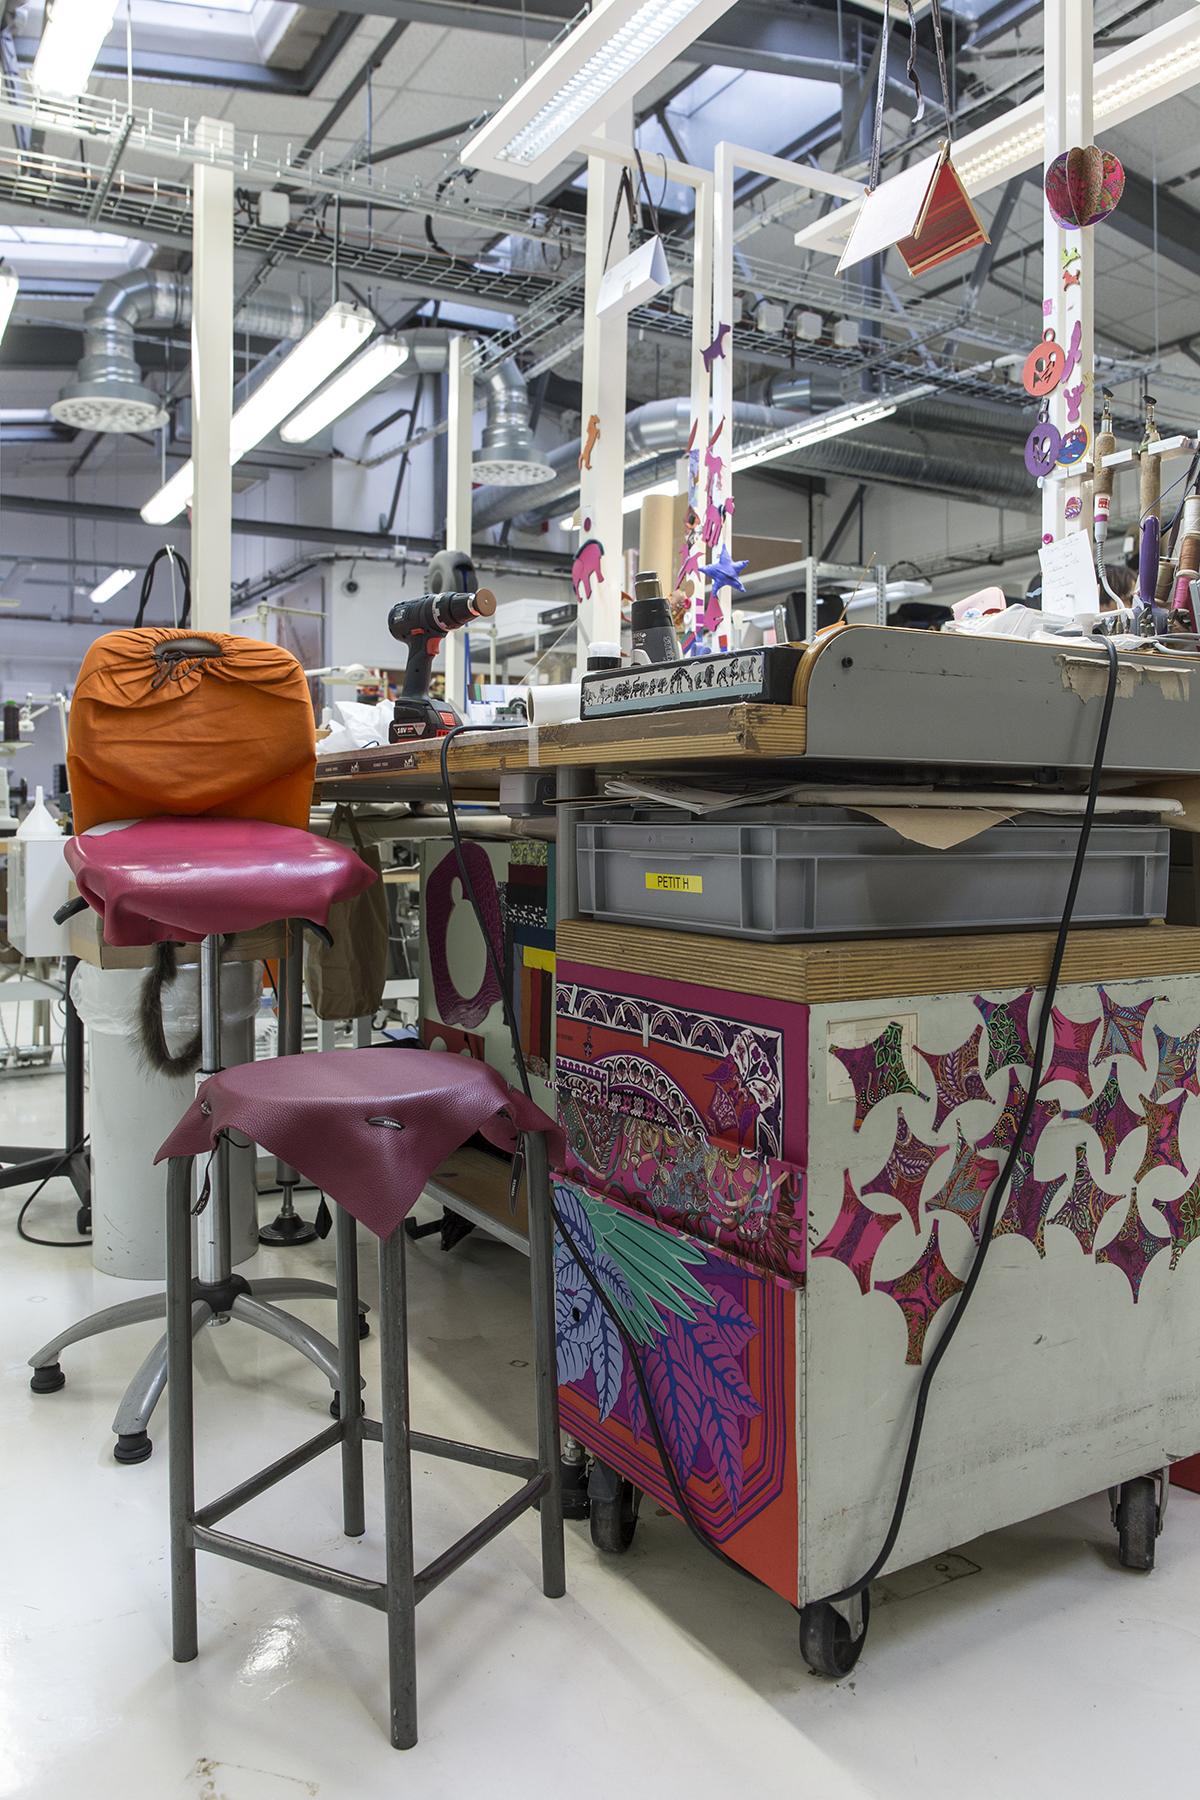 工匠們惜物精神從其工作桌便能看得出來,剩餘皮料被用作椅面,絲巾料則鋪在櫃面作裝飾。